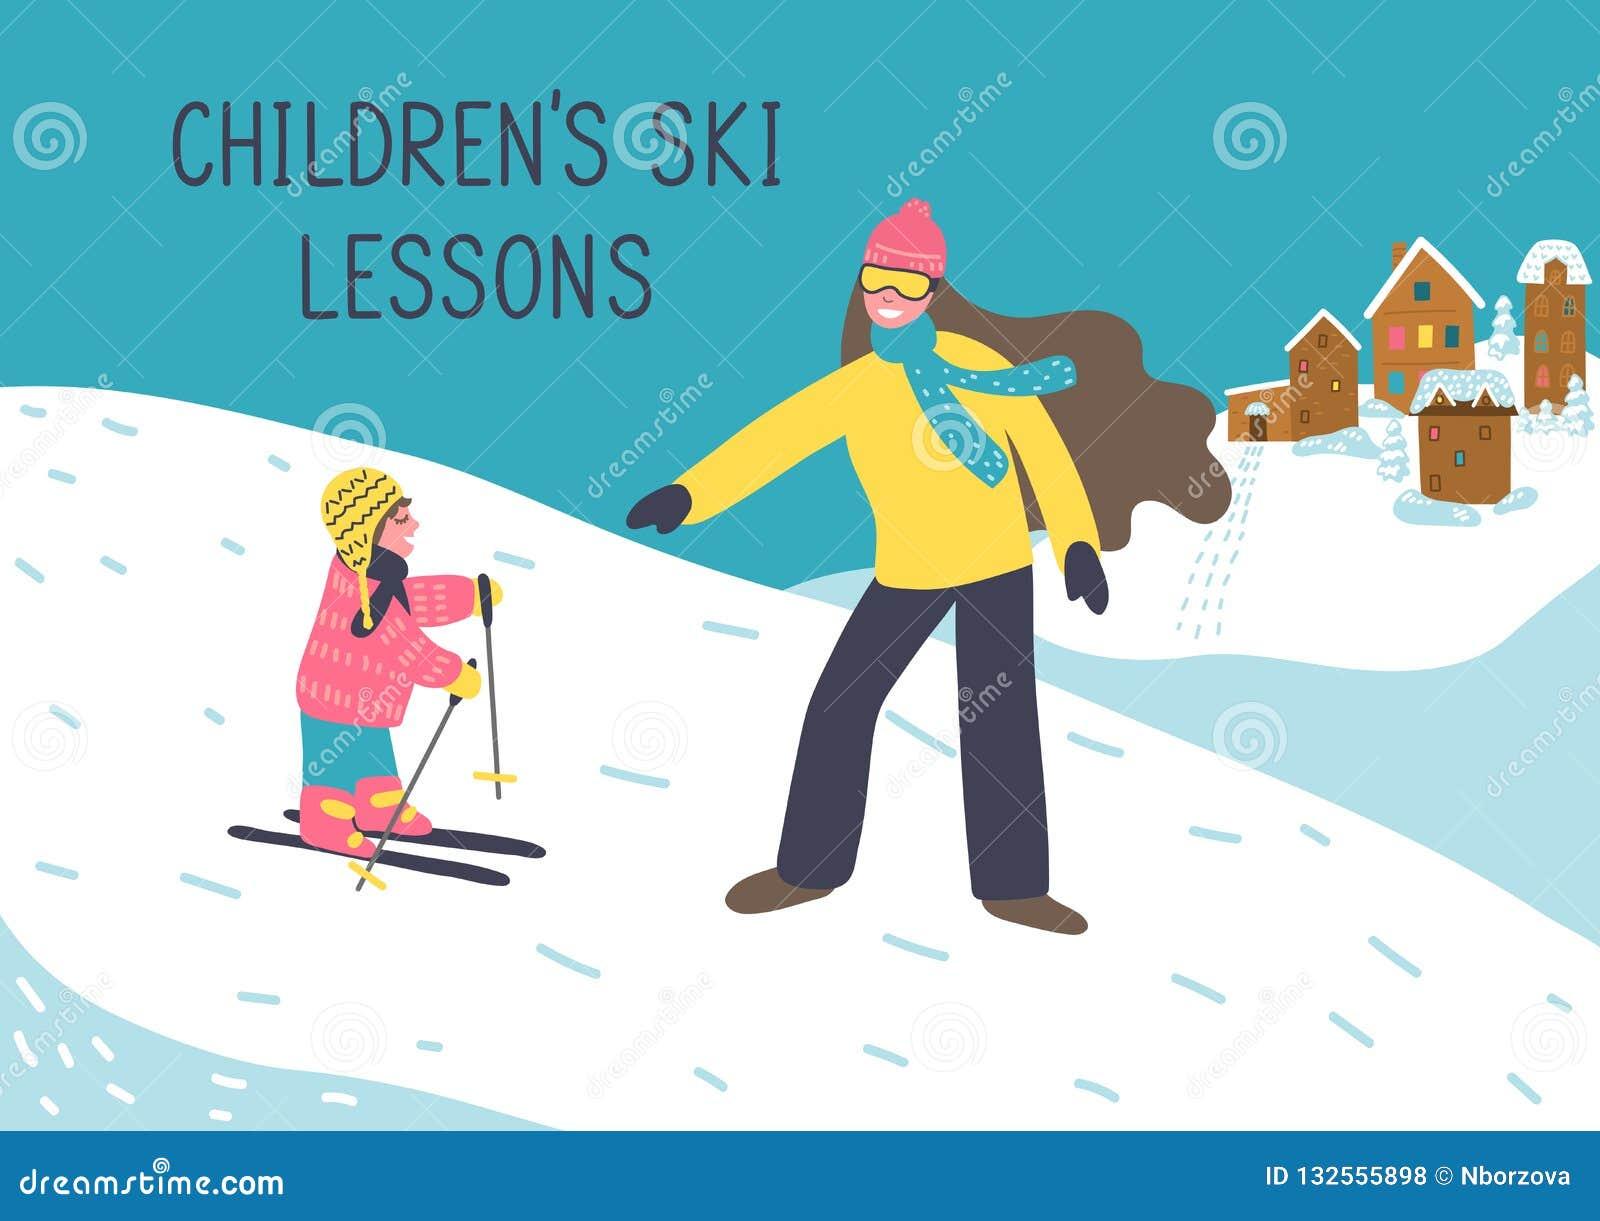 De skilessen van kinderen Moeder of vrouwen de instructeur onderwijst kind om te skien